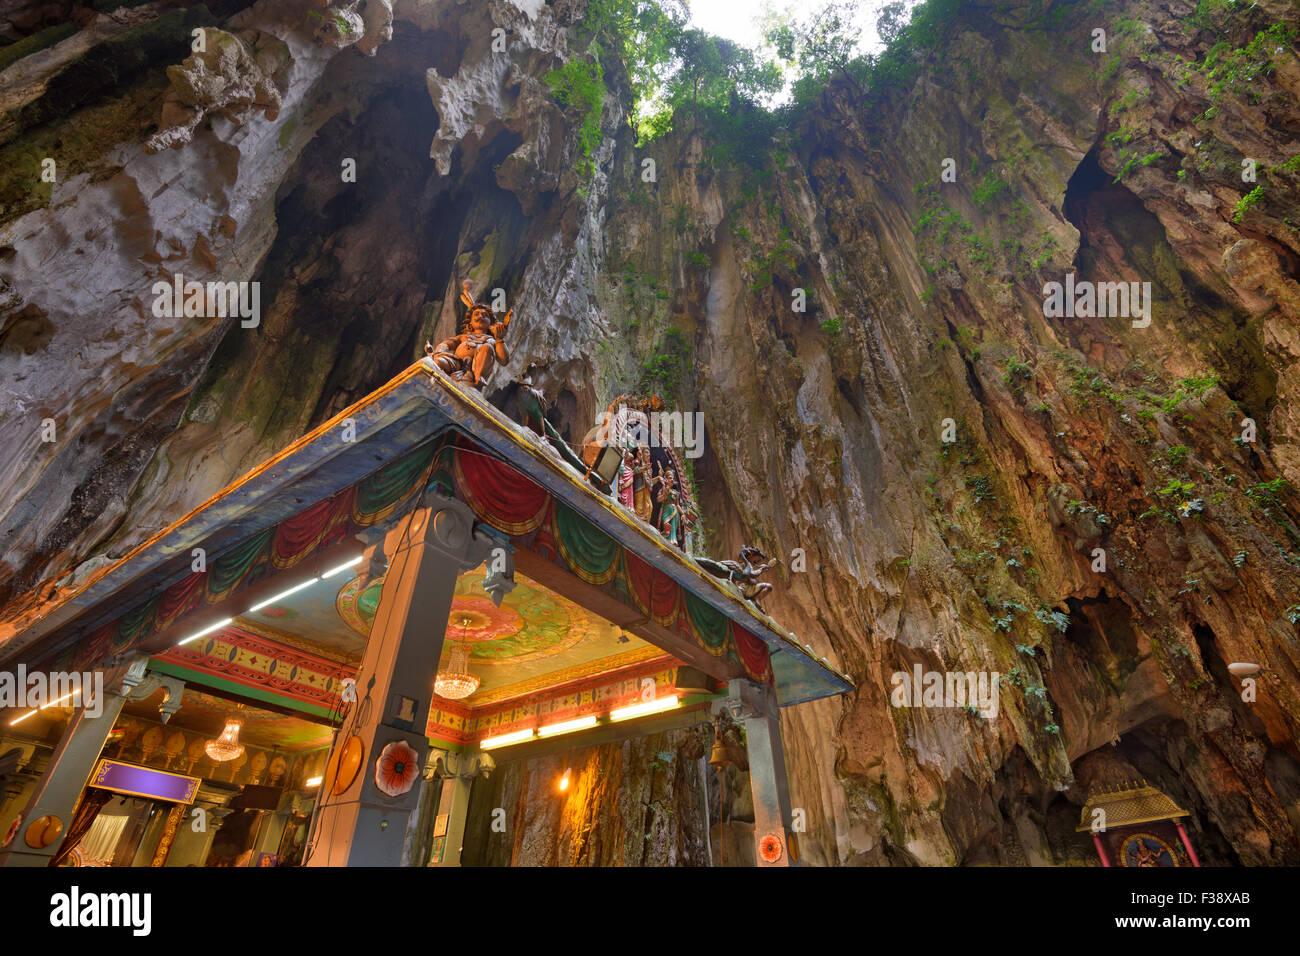 Templo hindú de las cuevas de Batu, cerca de Kuala Lumpur. Imagen De Stock